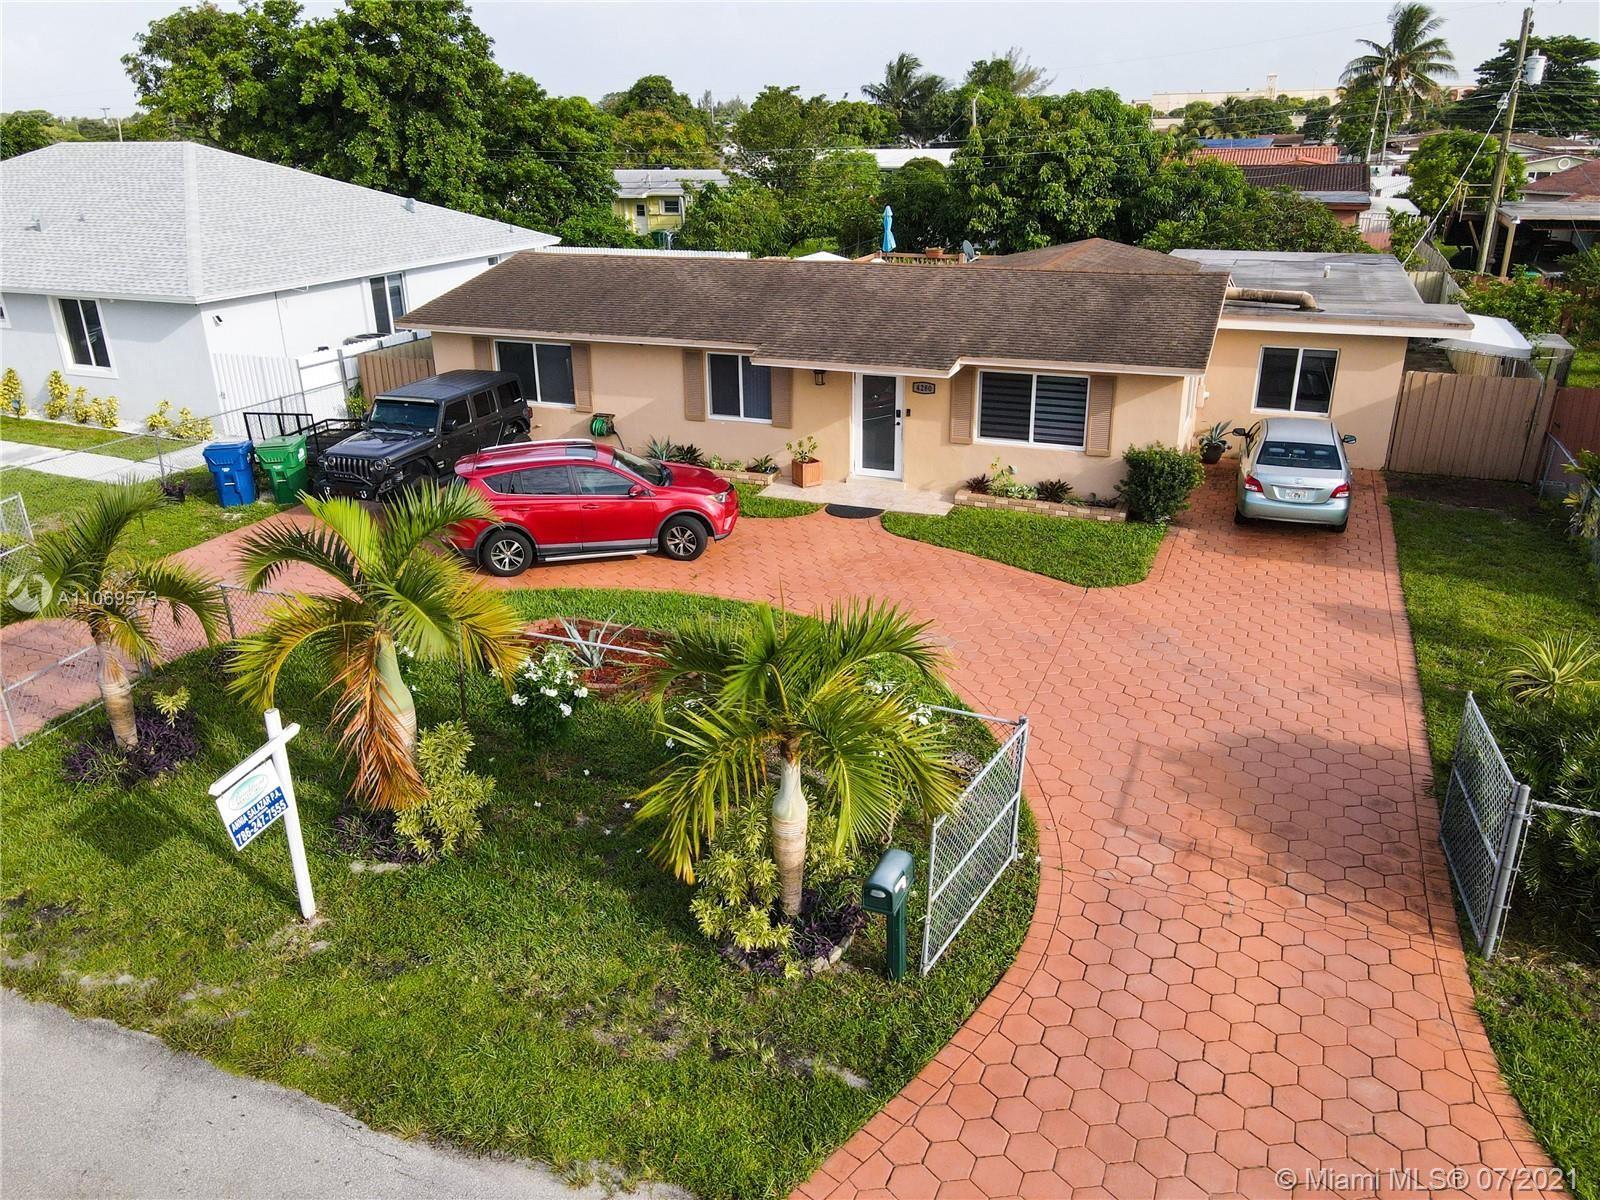 4280 NW 171st St, Miami Gardens, FL 33055 - #: A11069573